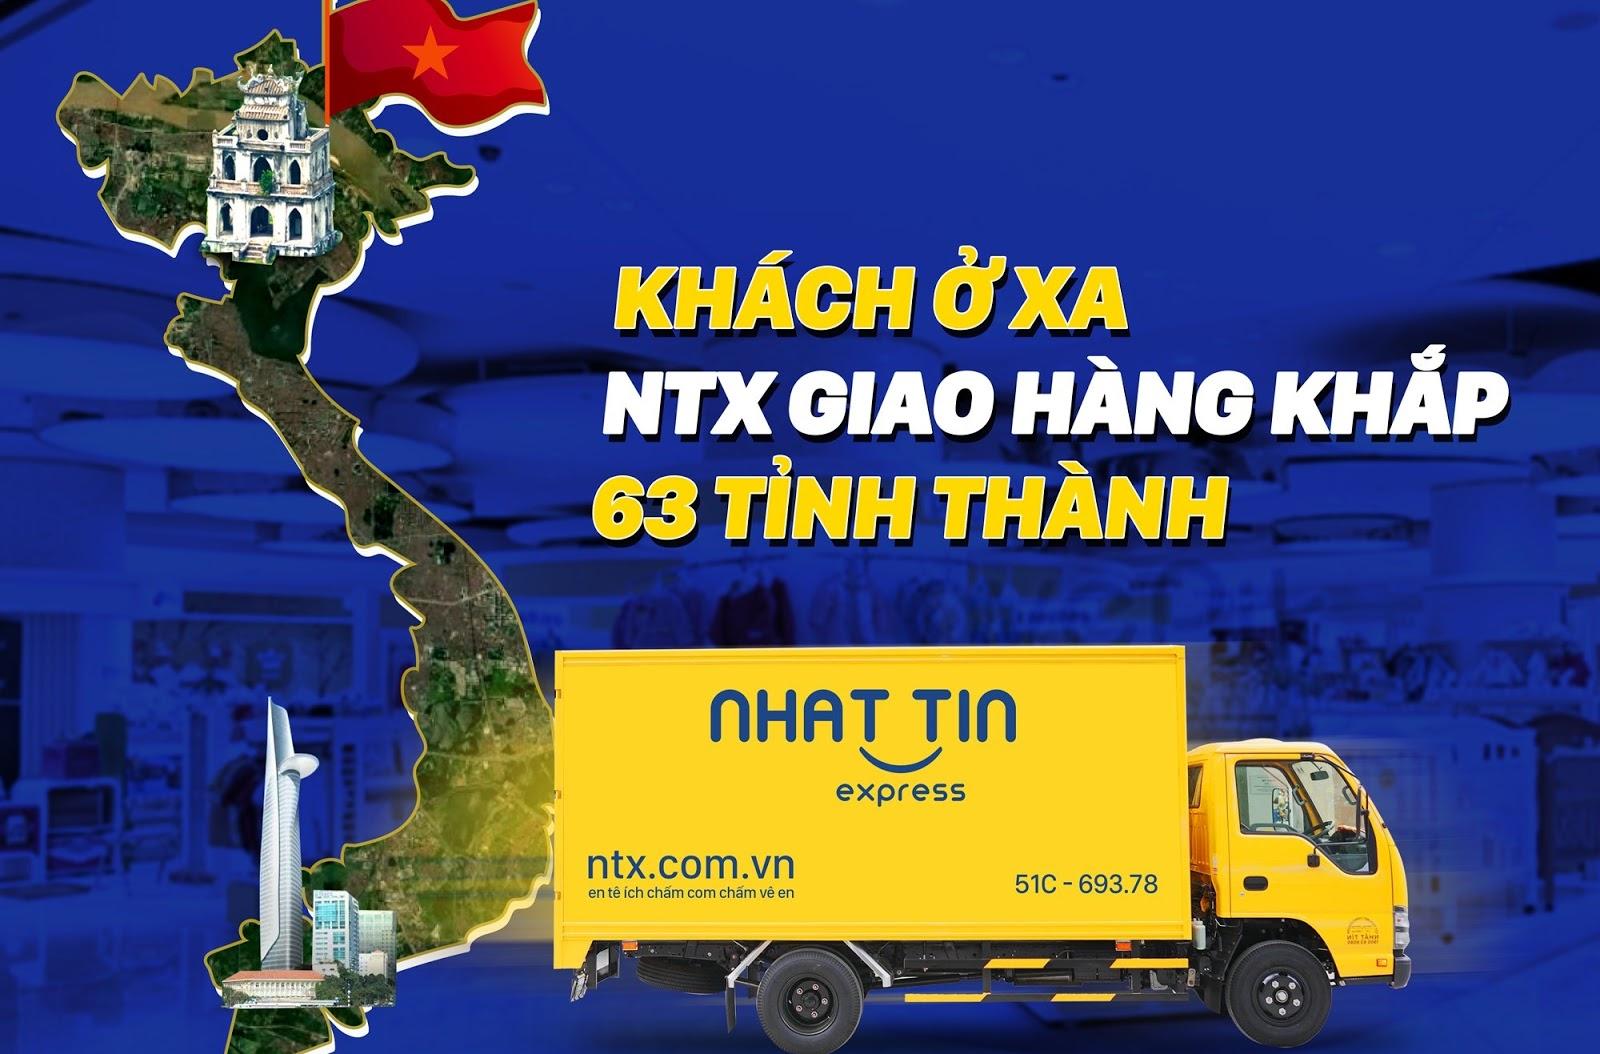 Hướng dẫn tạo và quản lý đơn hàng trên ứng dụng ship hàng NTX